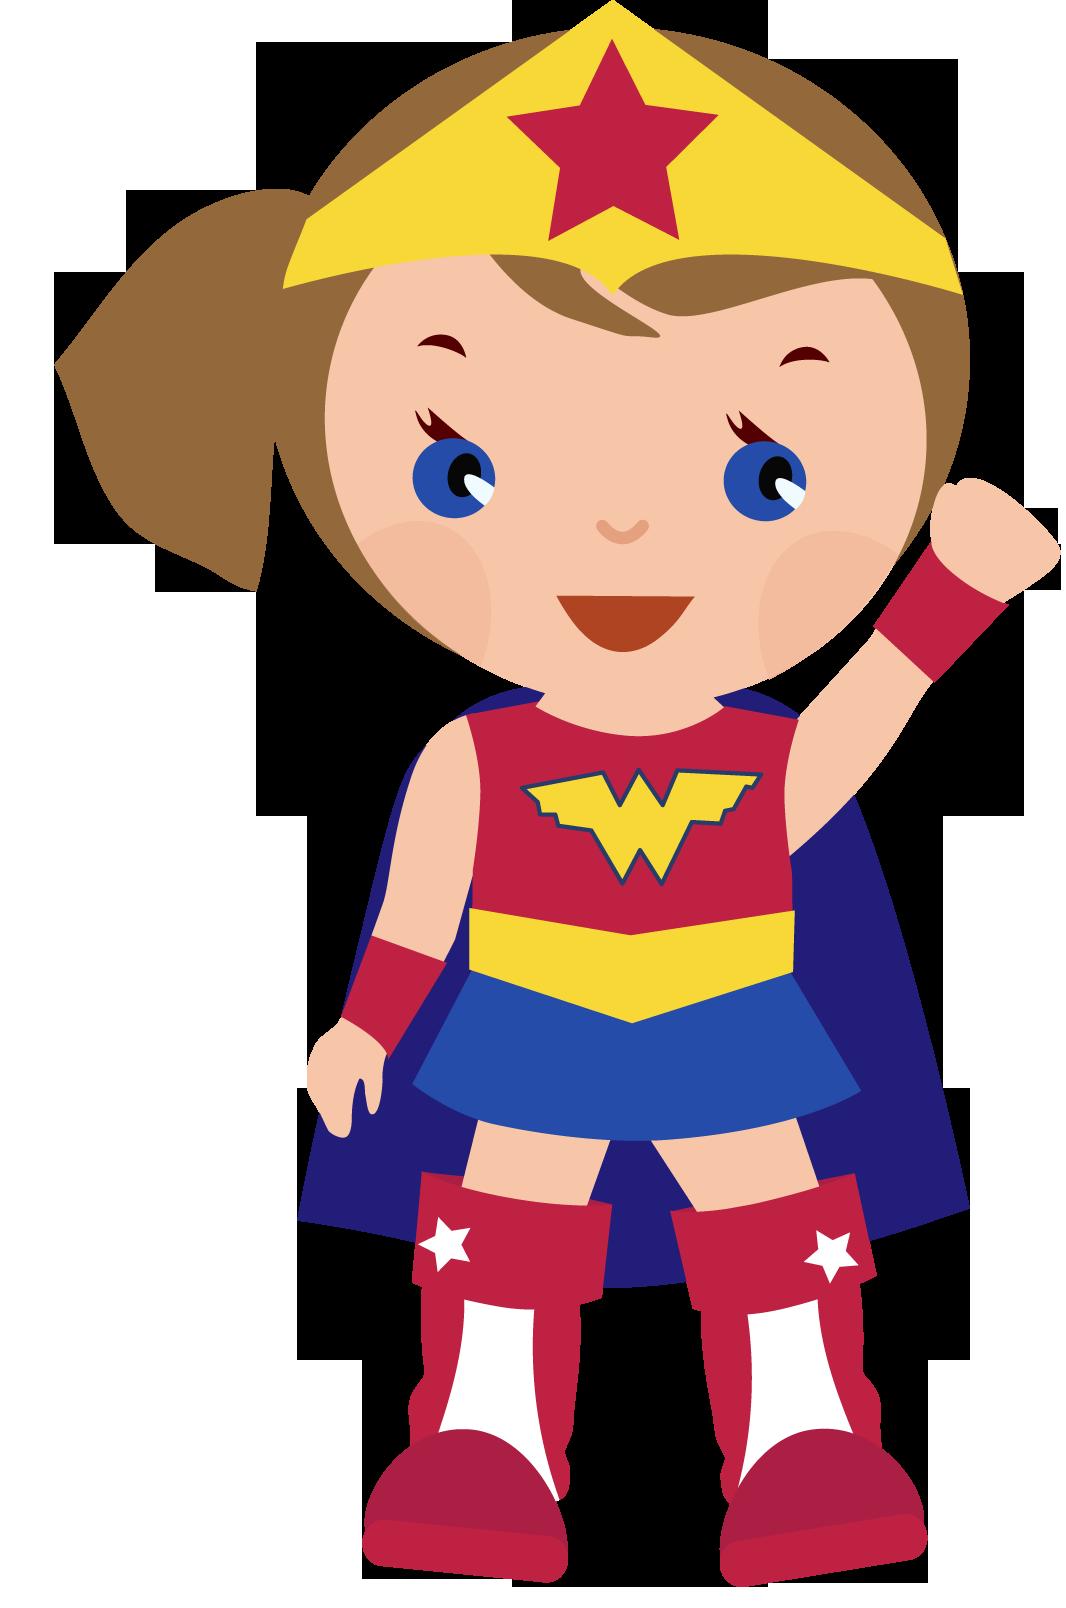 Superhero clipart #9, Download drawings